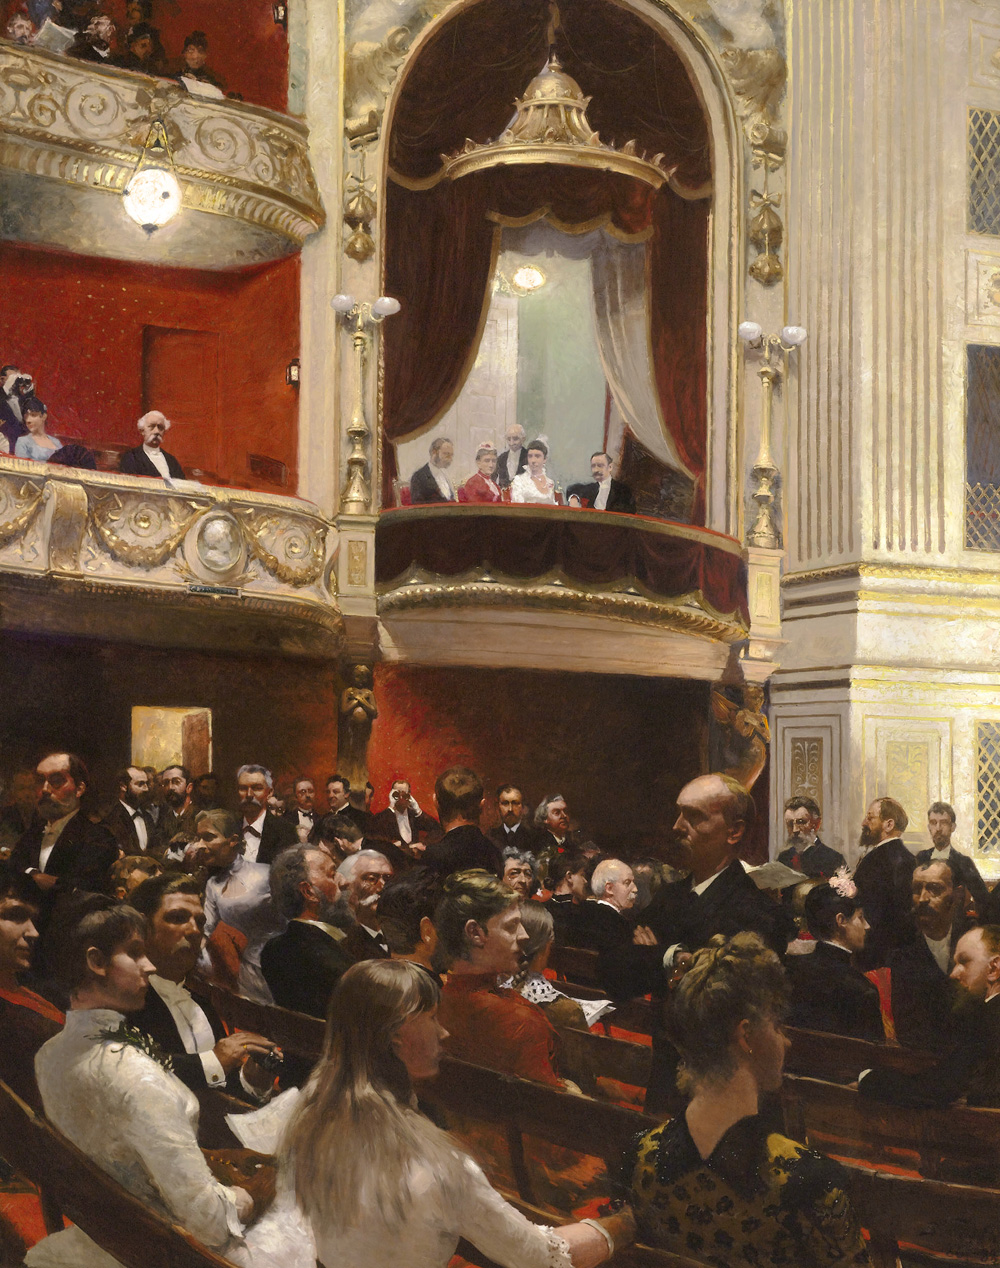 An_Evening_at_the_Royal_Theatre_by_Paul_Gustav_Fischer42dee9758b73d0c0.jpg